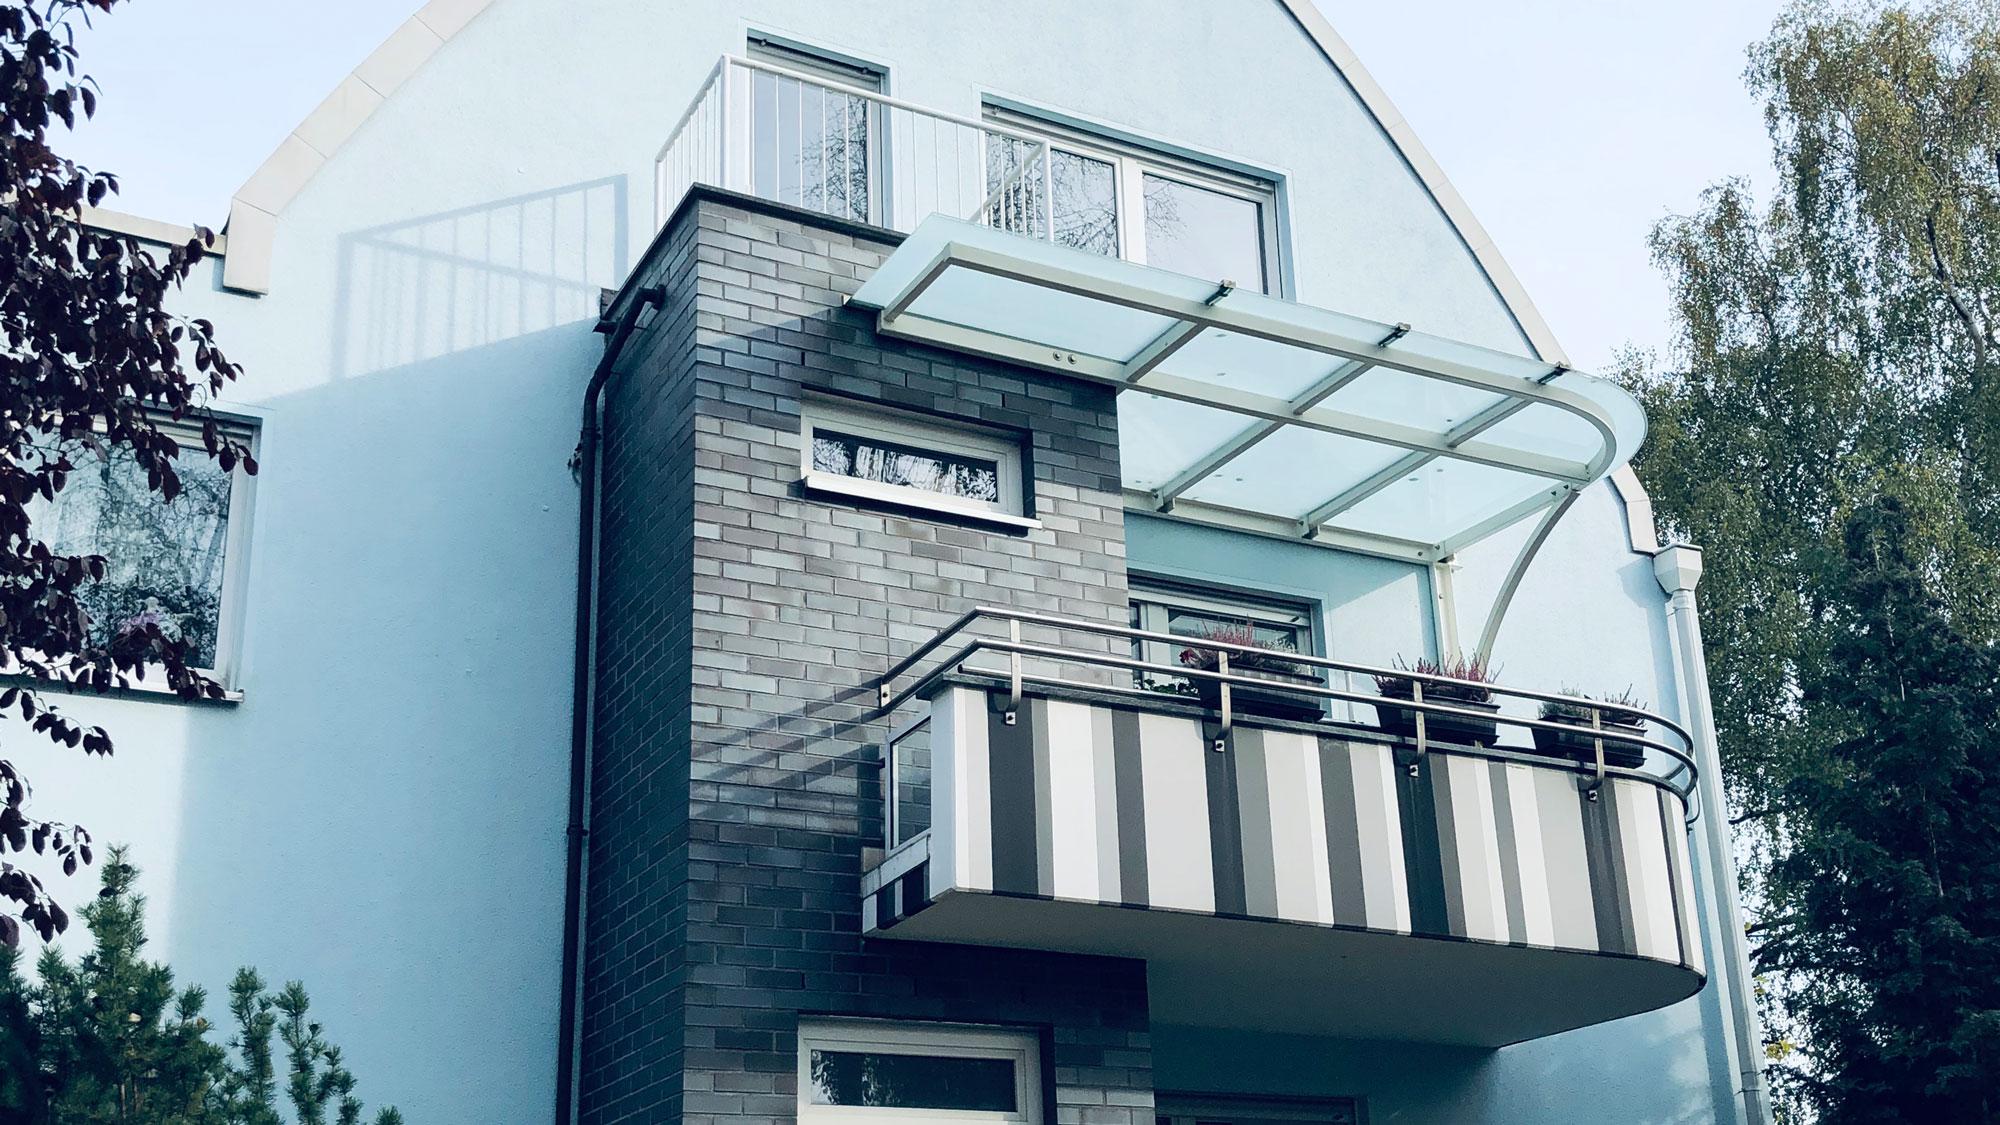 Wohnungsbau_Berlin_b-2